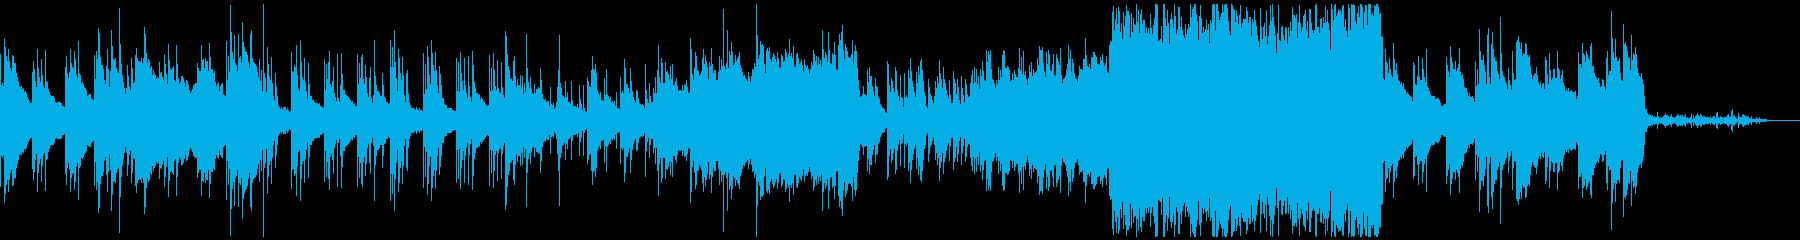 アコギ &ストリングス&ピアノ系 1の再生済みの波形